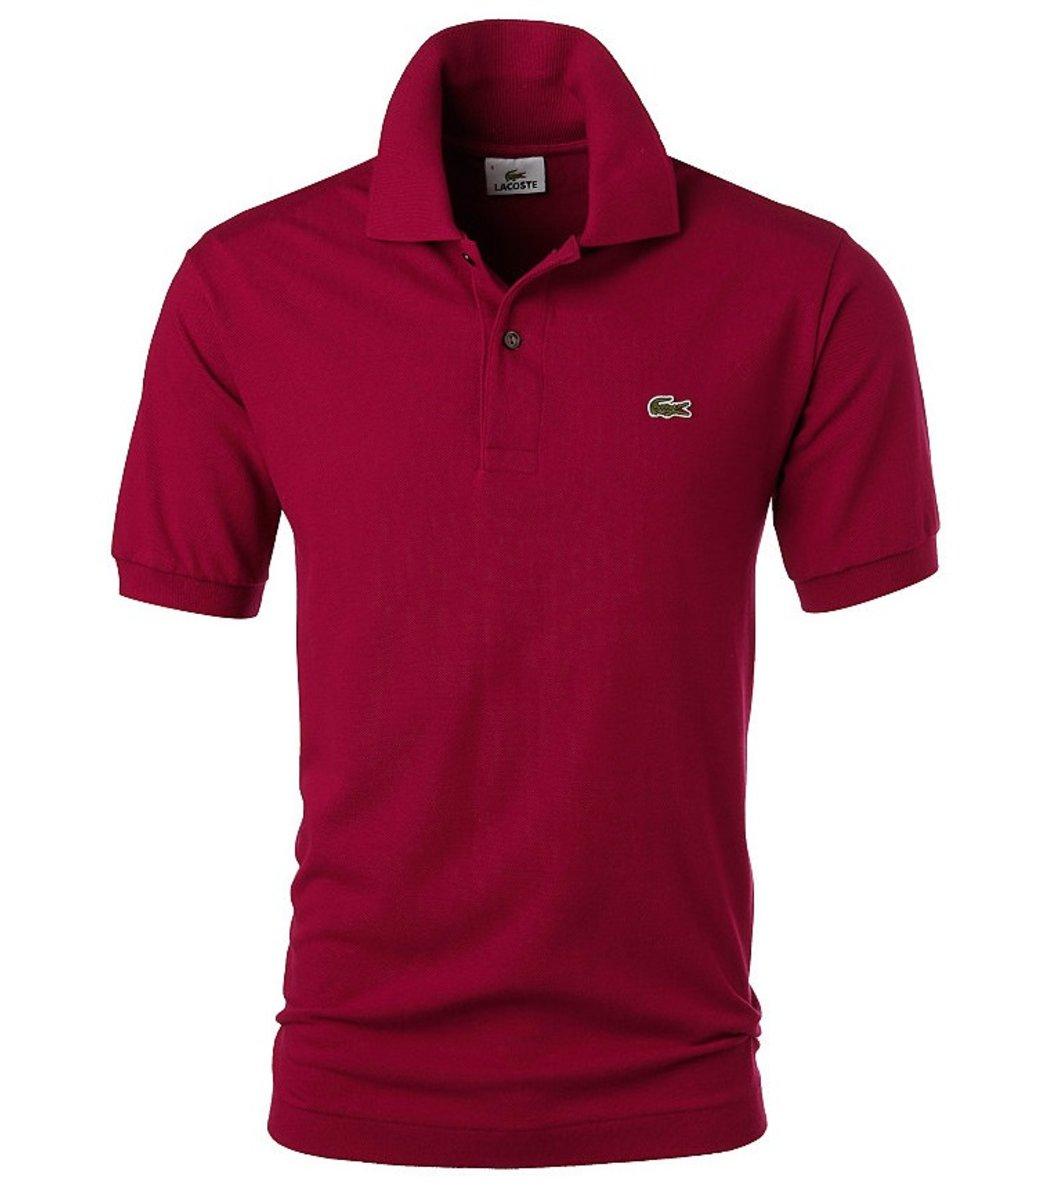 Мужская бордовая футболка поло Lacoste  - бордовый - Вид 1